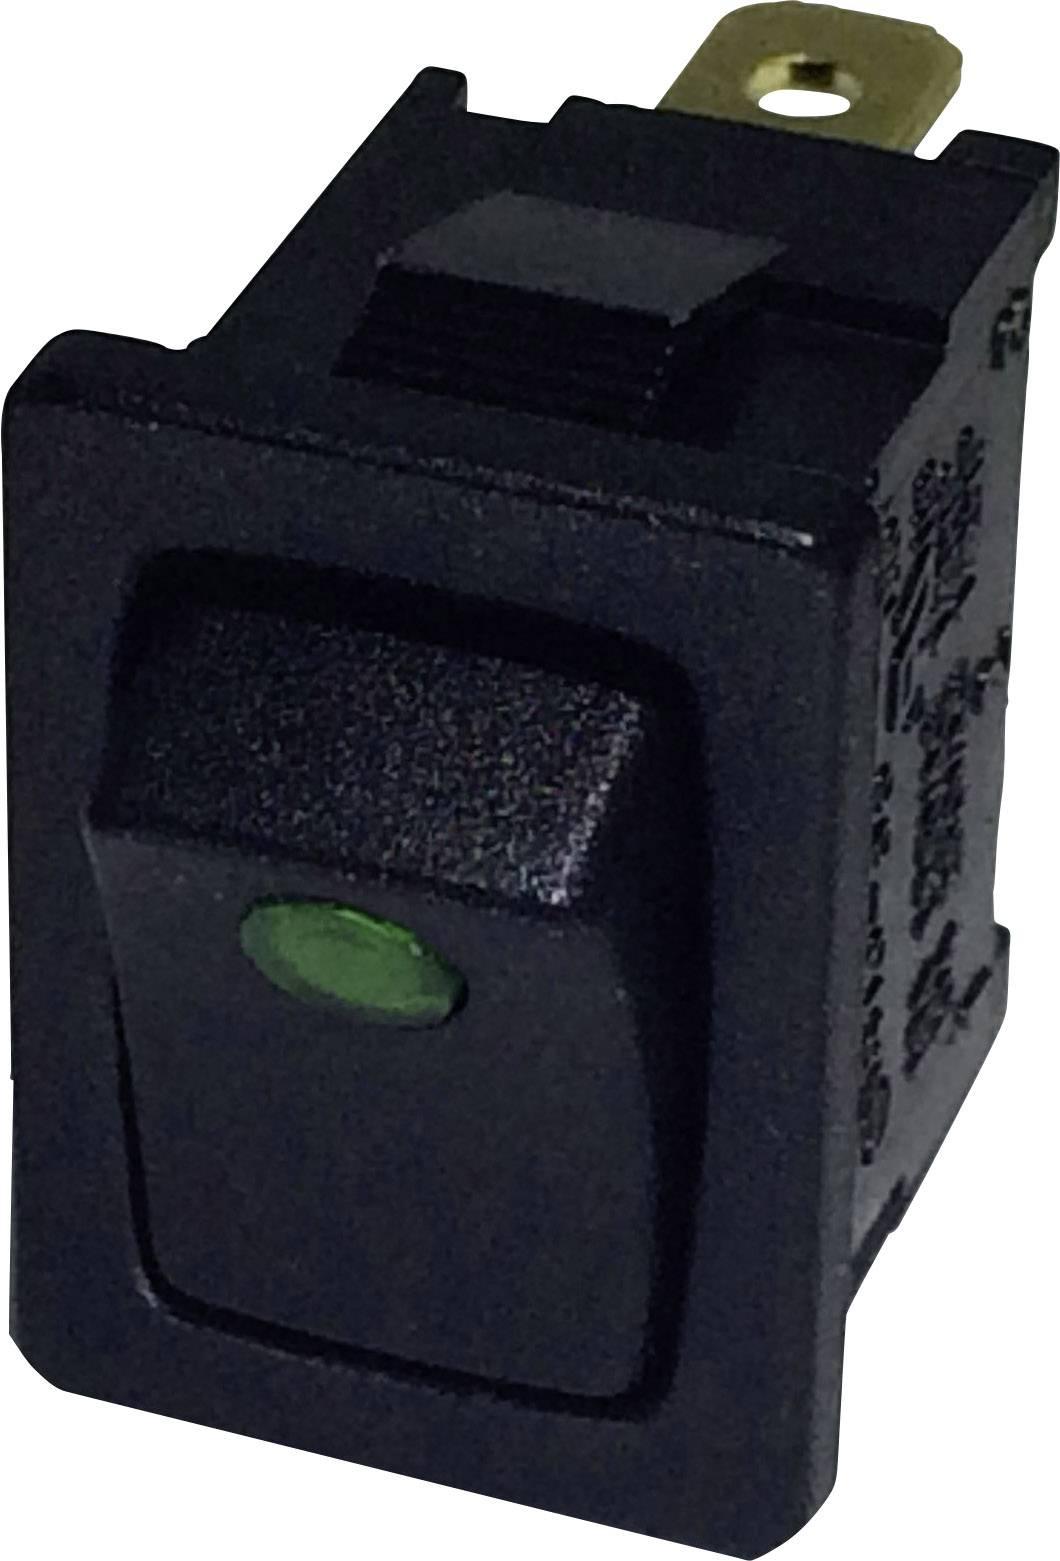 Kolískový spínač SCI R13-66B2-02 (250V/AC 150KR) s aretáciou 250 V/AC, 6 A, 1x vyp/zap, čierna, zelená, 1 ks